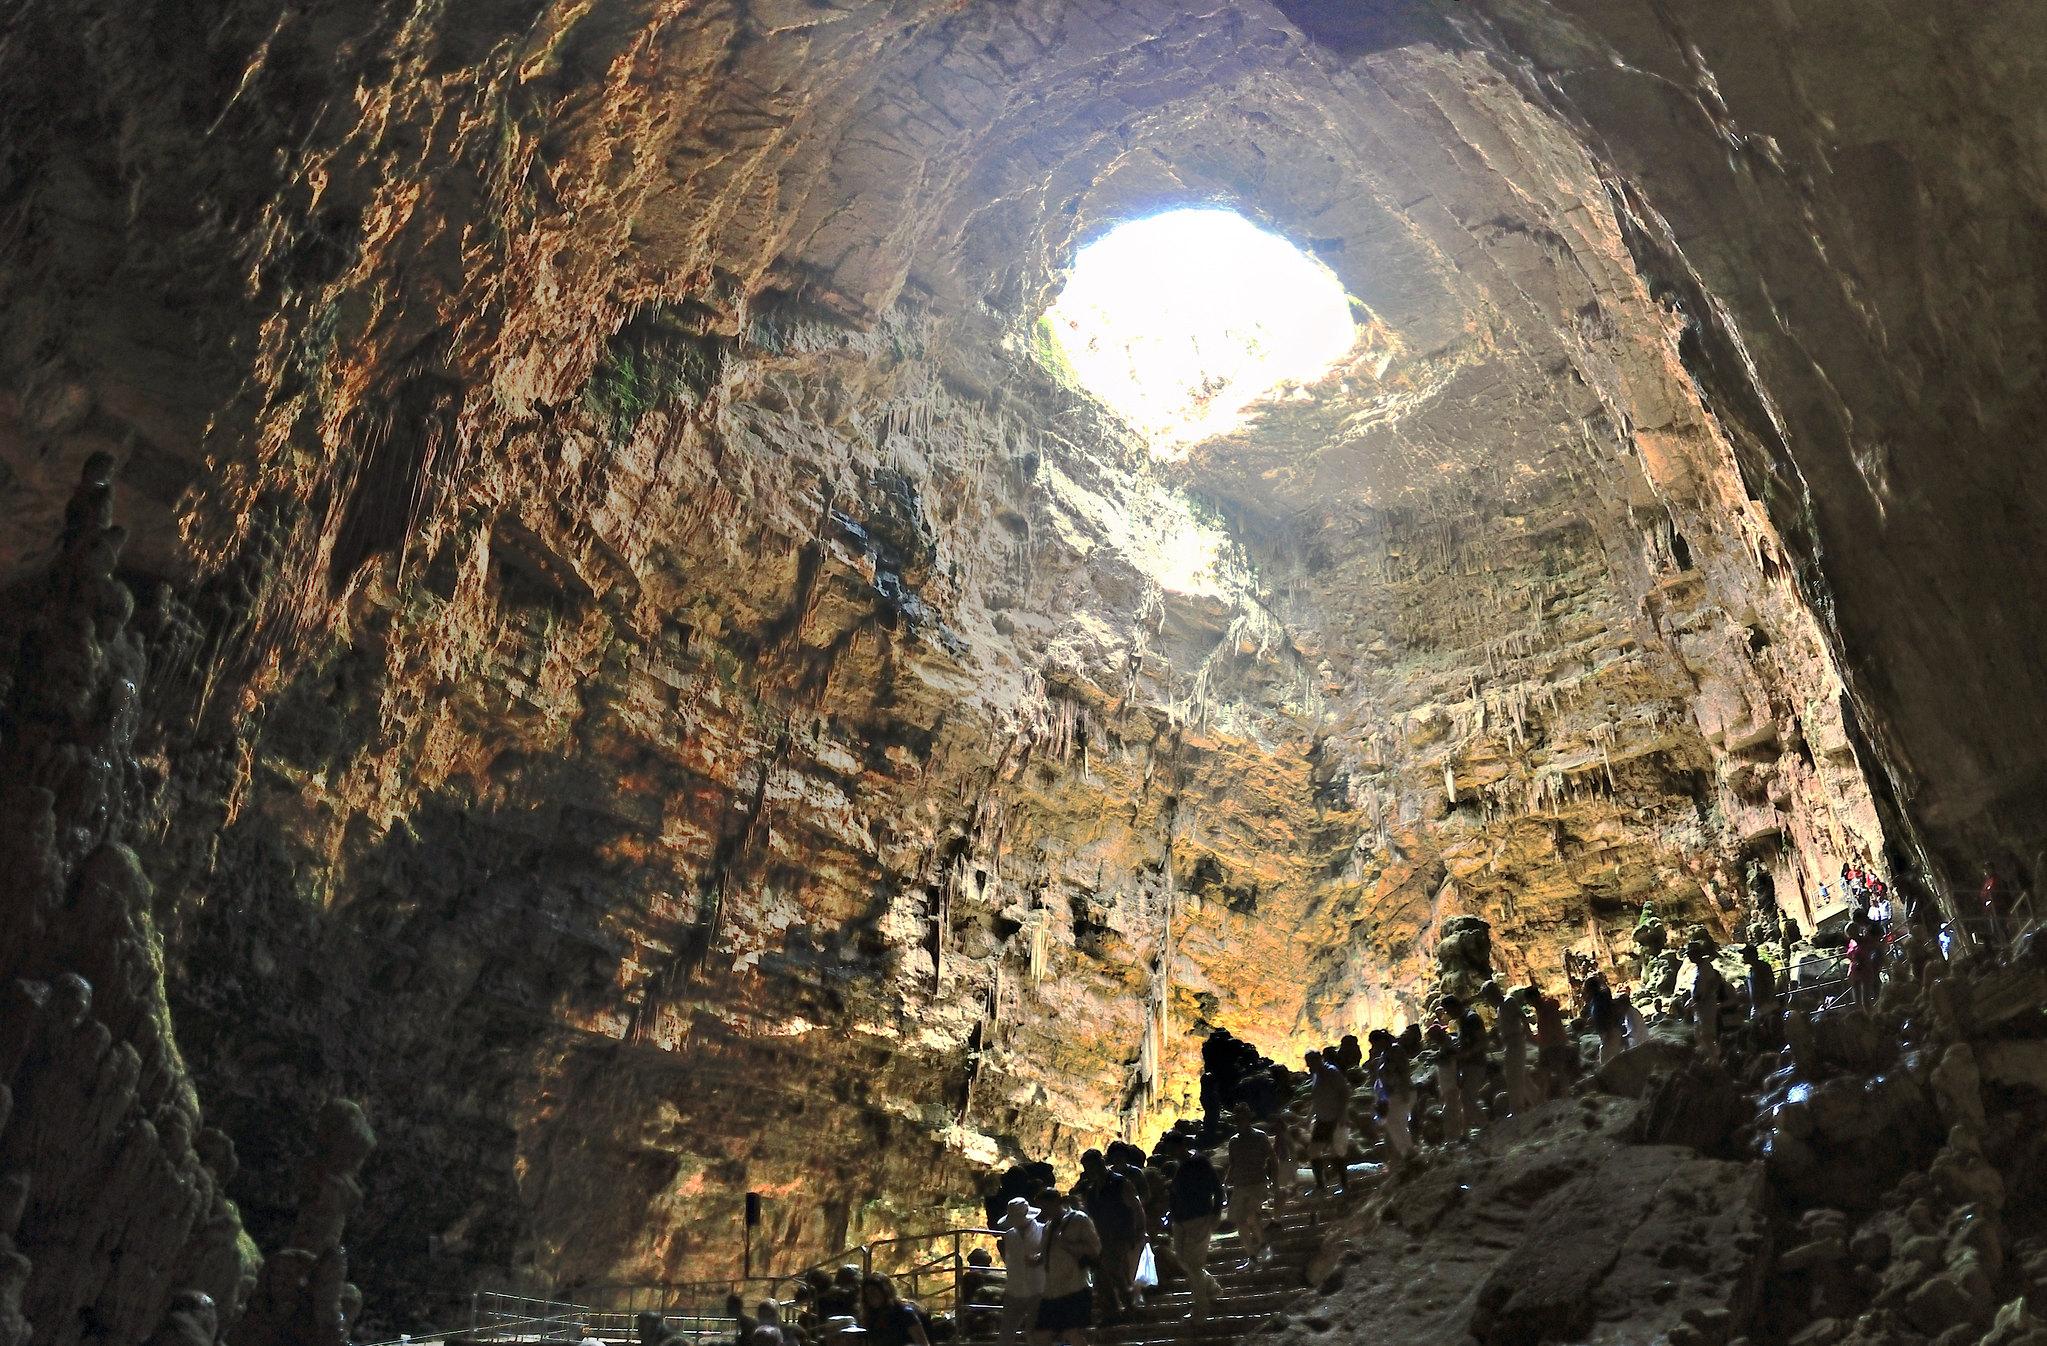 grotte di castellana orari e prezzi